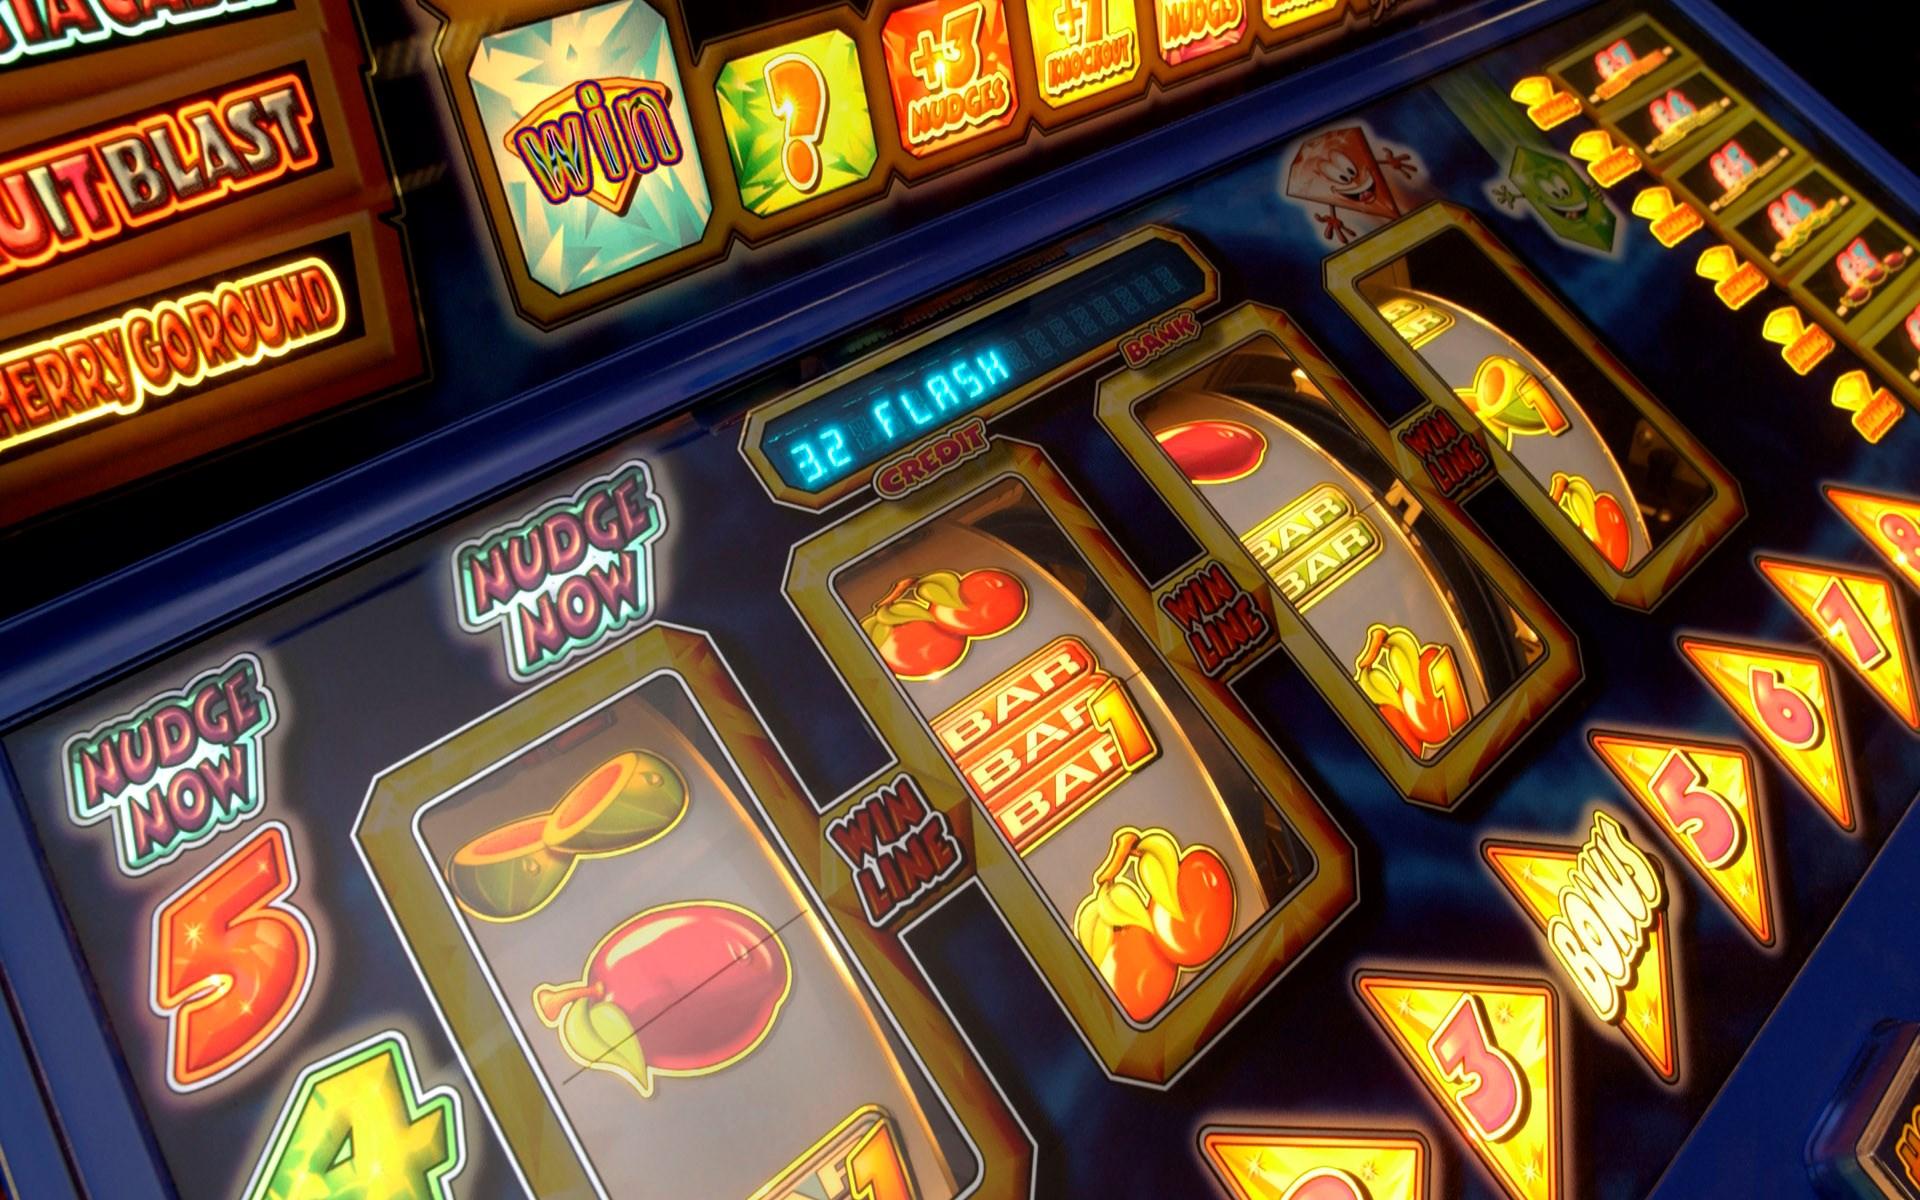 официальный сайт play casino slots